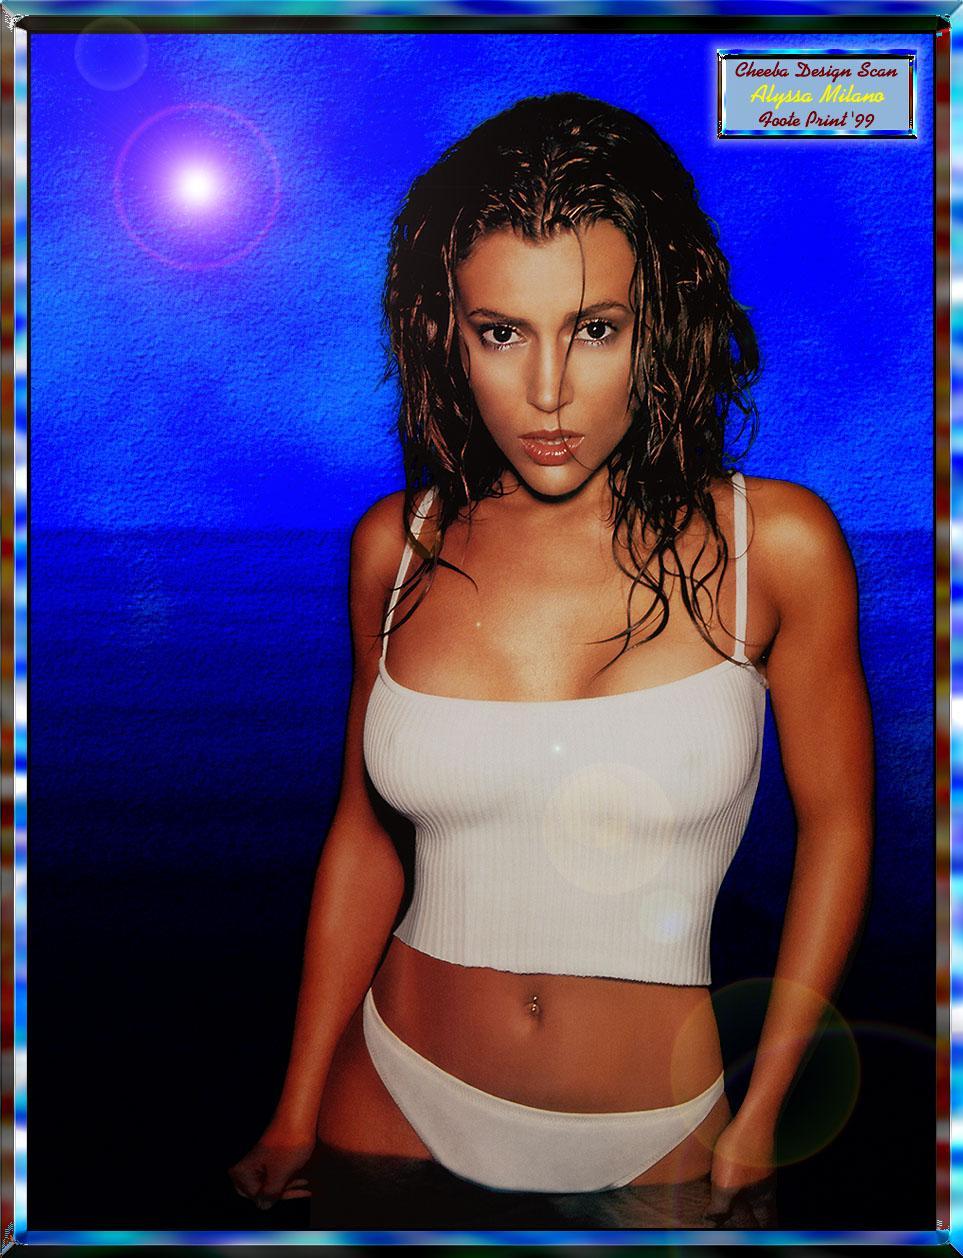 Сексуальные фото алисы милано 7 фотография